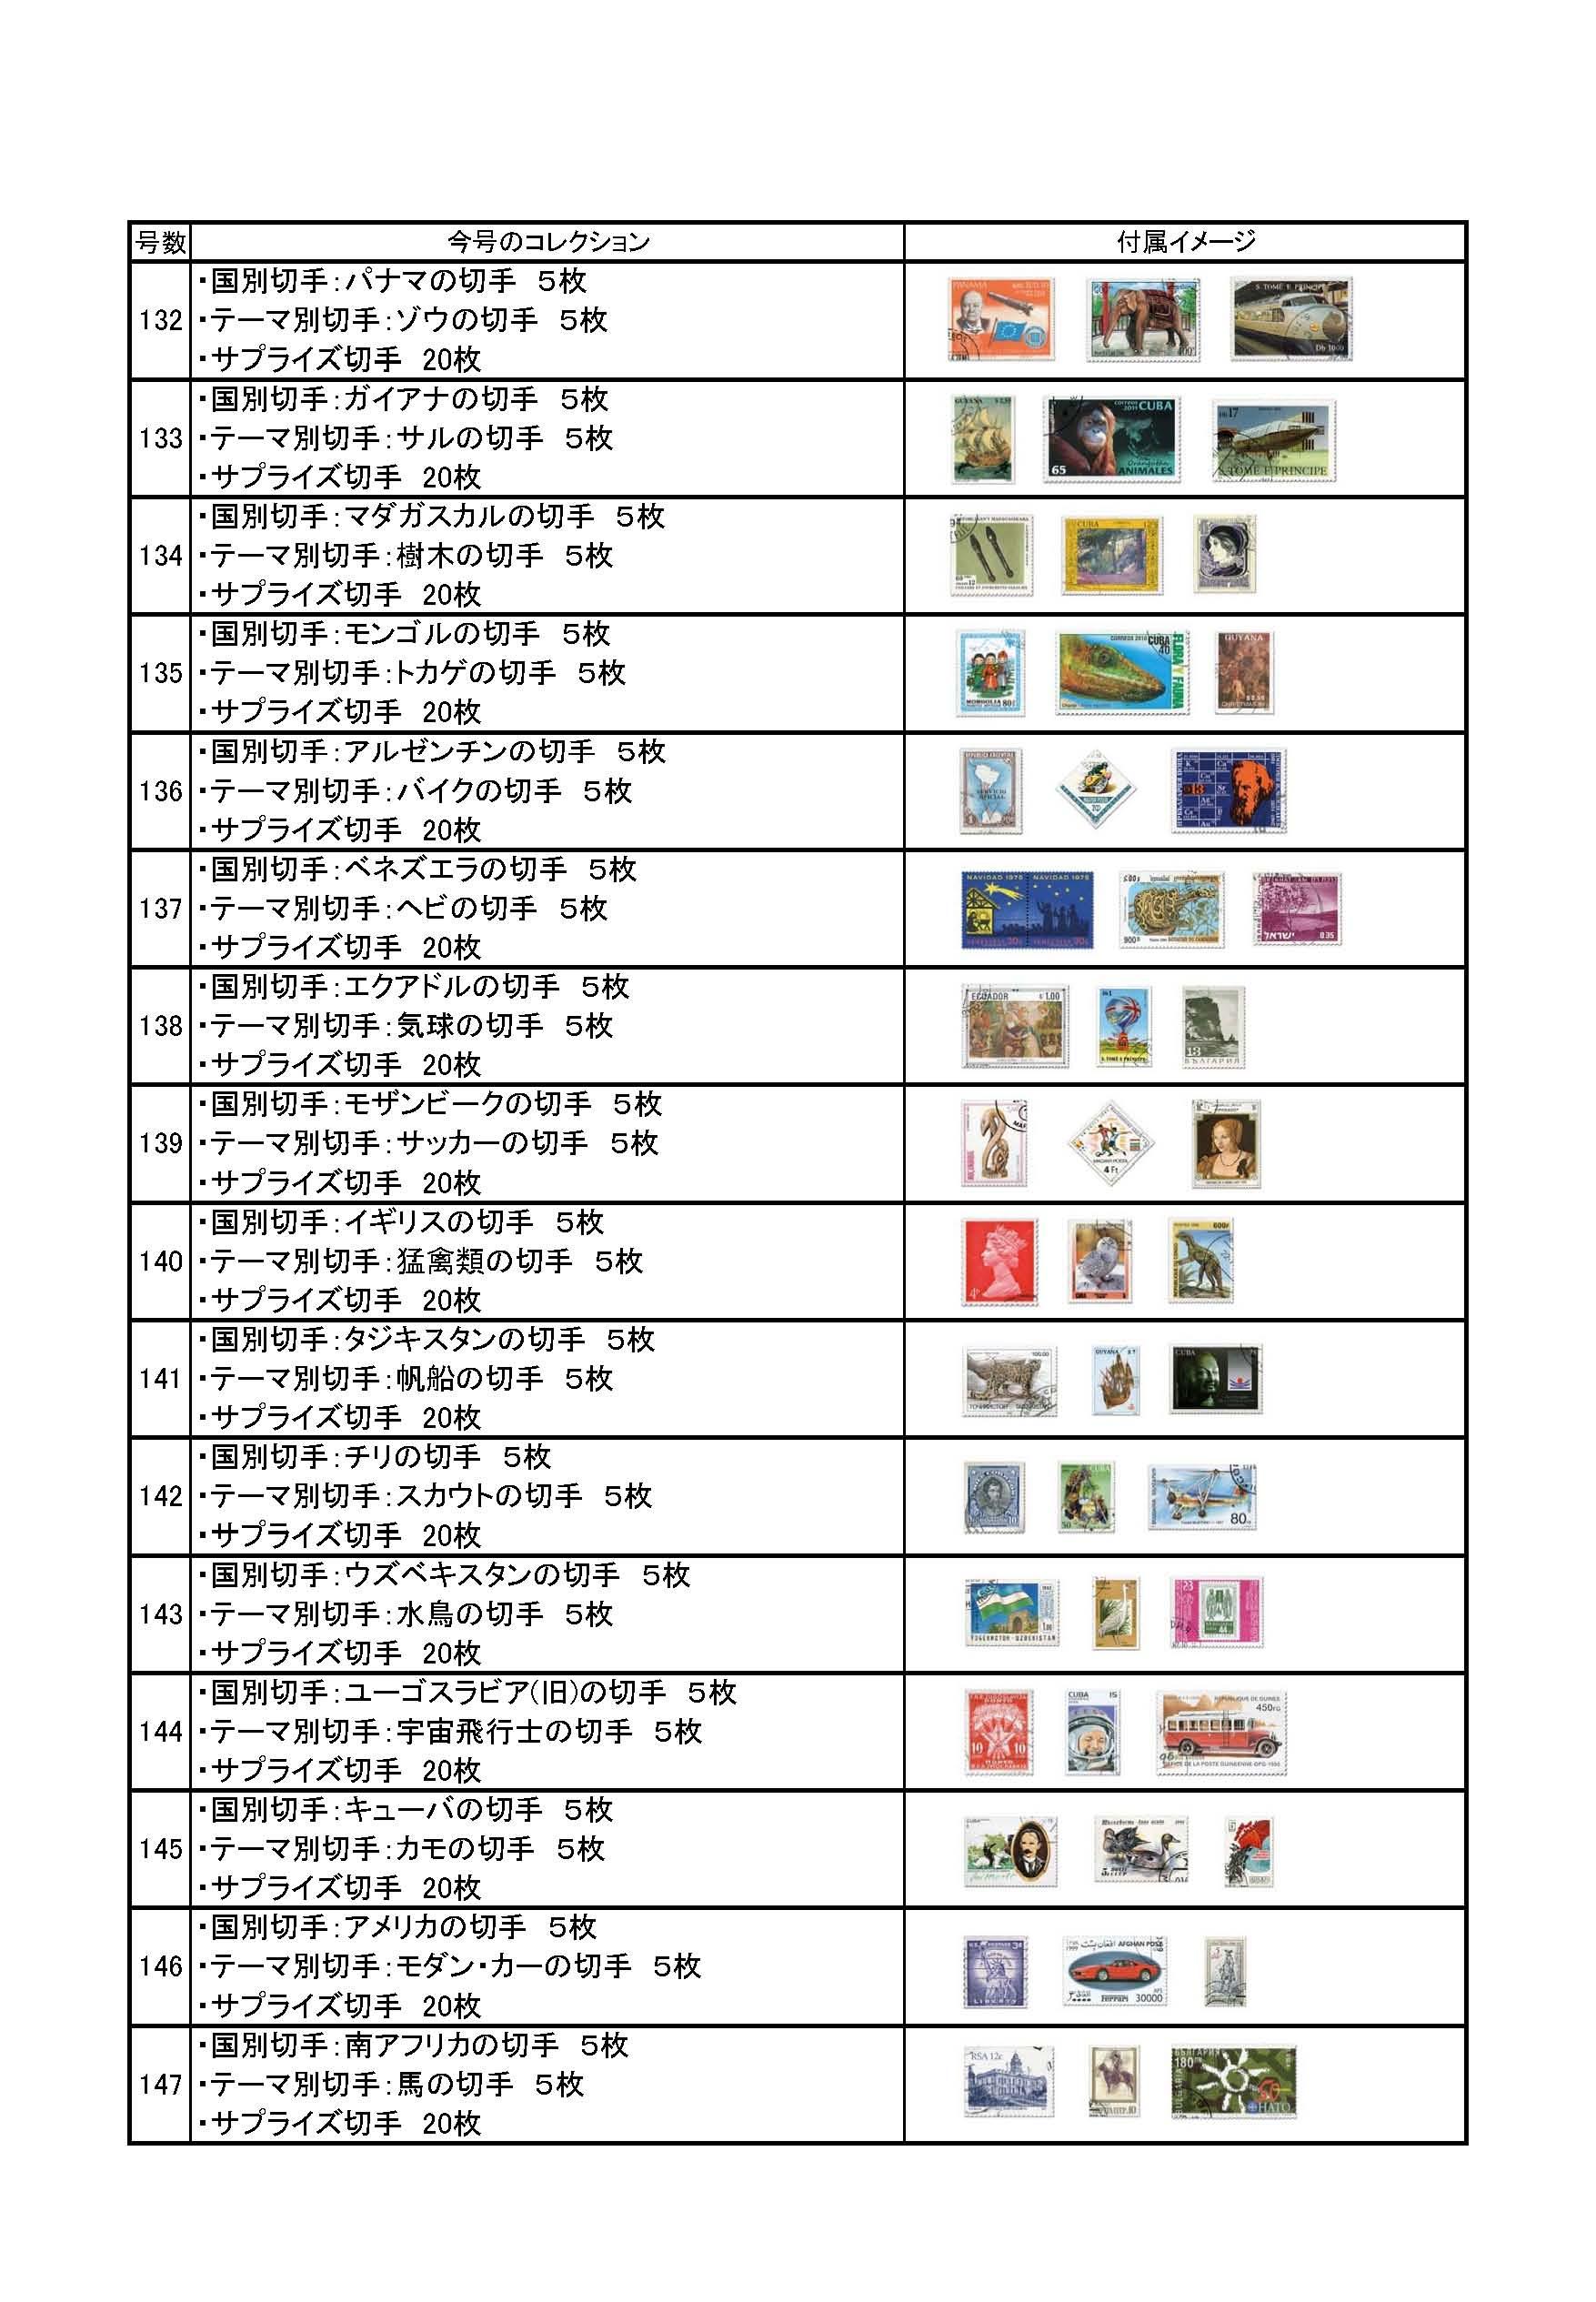 付属切手ラインナップ_20180115_ページ_10.jpg